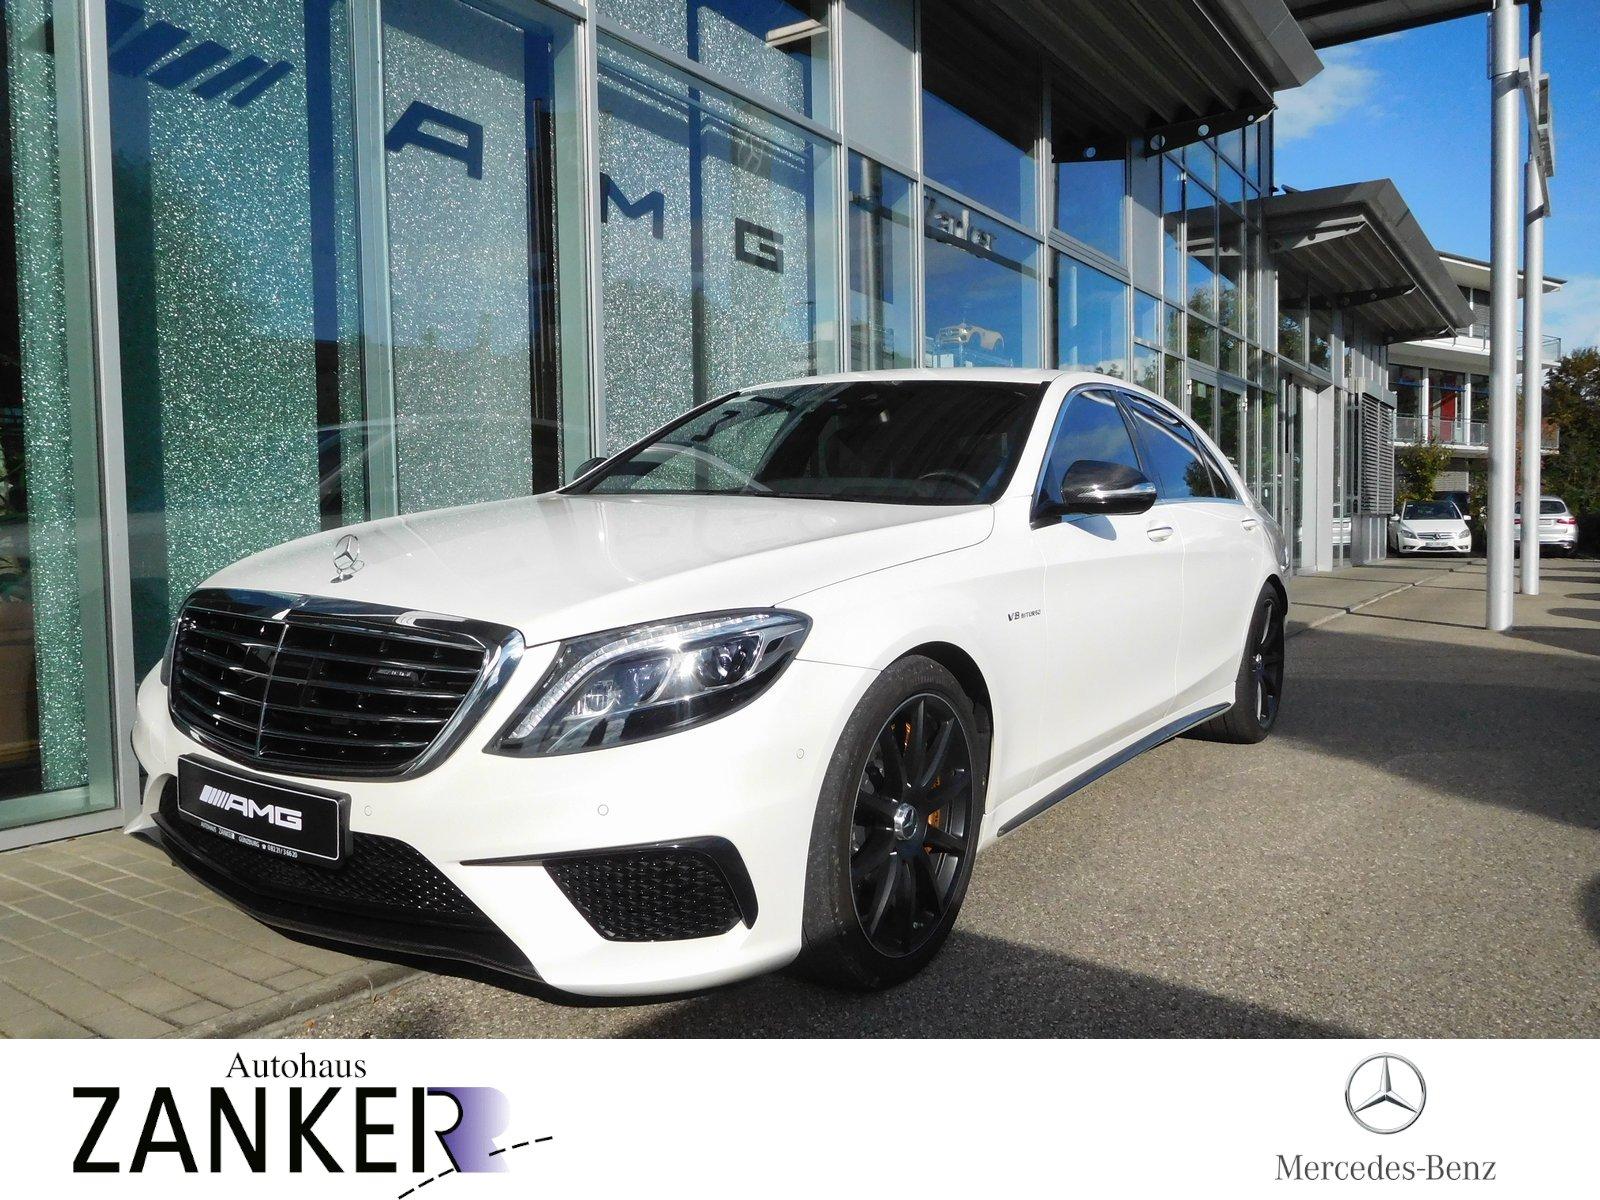 Mercedes-Benz S 63 4M L *CARBON-Package*Keramik*AMG-NIGHT*VMAX, Jahr 2015, Benzin